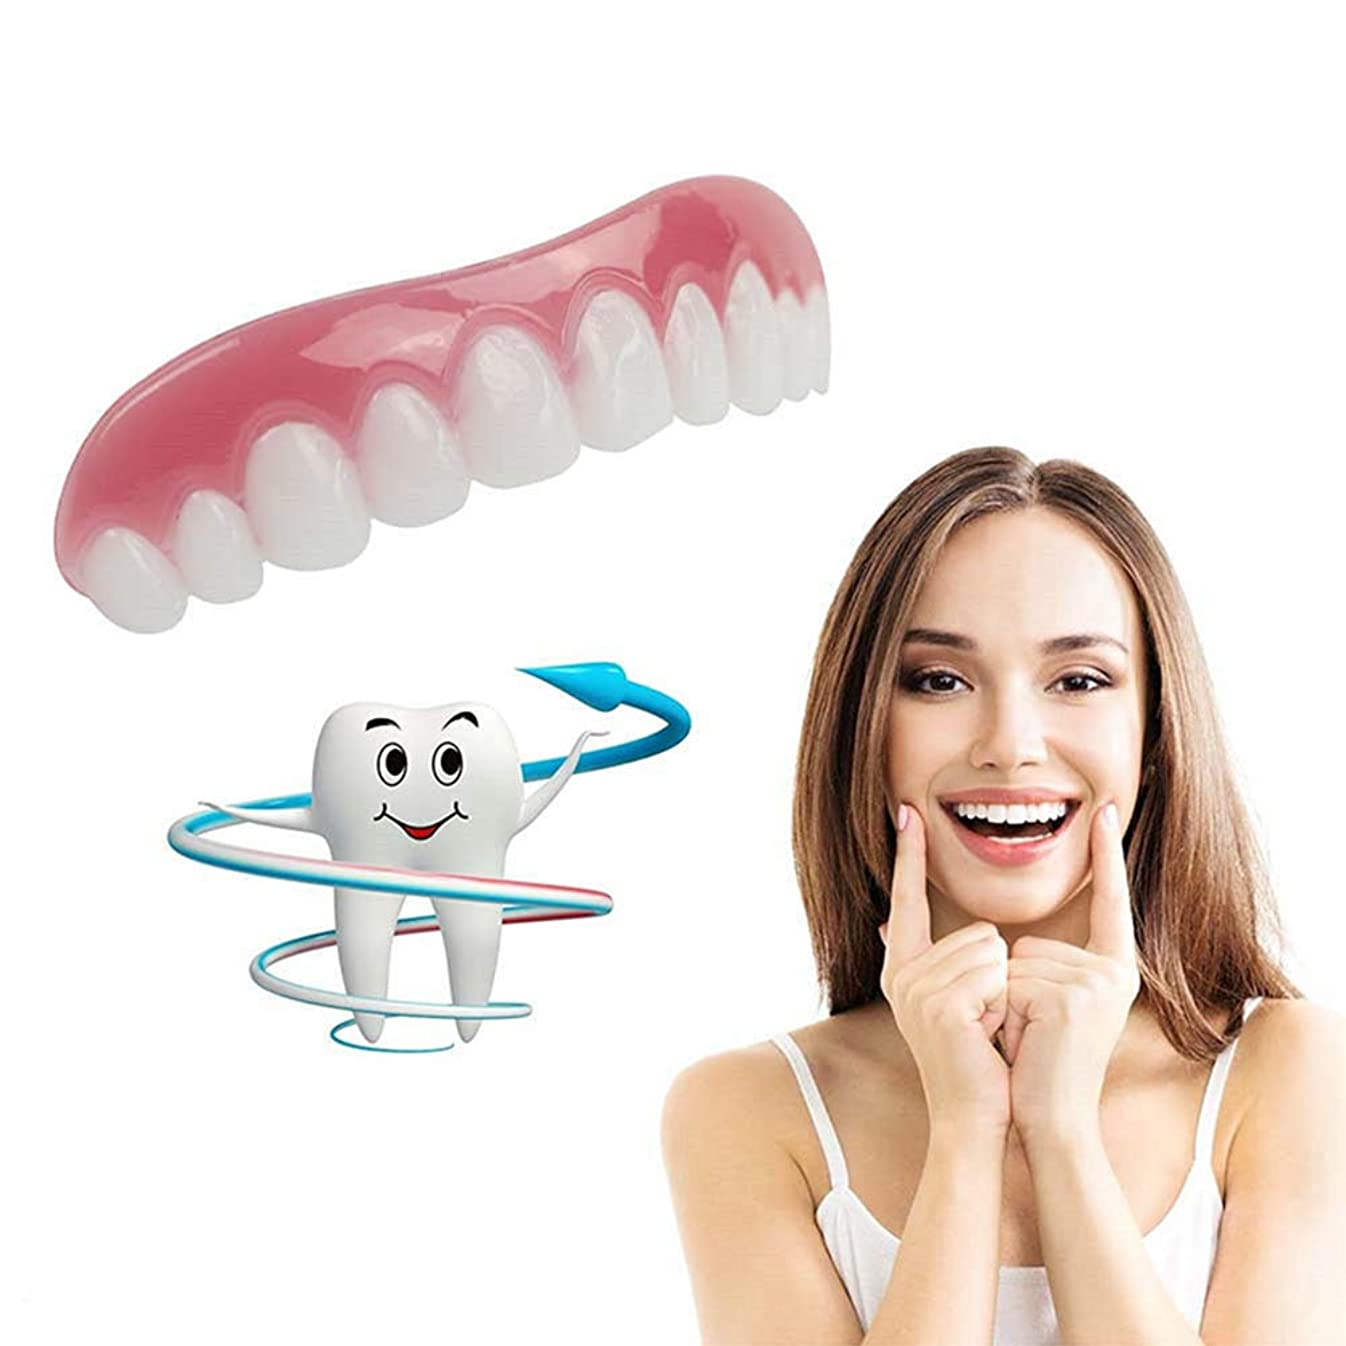 競争刃ピュー化粧品の歯、超快適、快適なフィット感、白い歯をきれいにするための快適なフィットフレックス歯ソケット、快適なフィット感、3セット